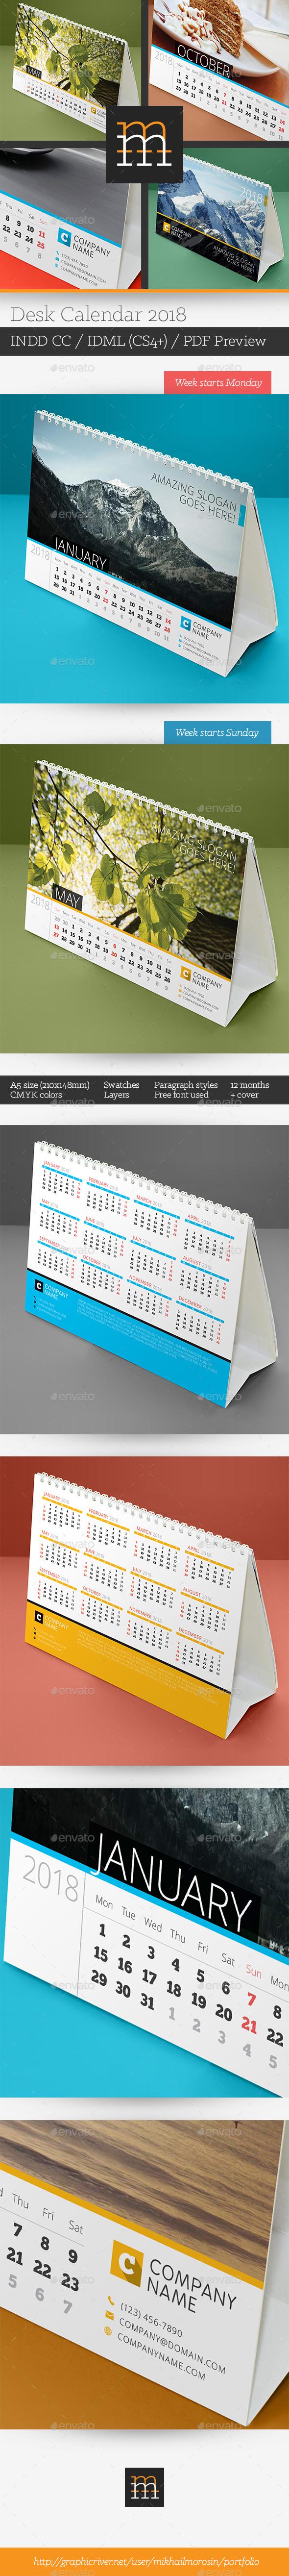 GraphicRiver Desk Calendar 2018 20687724